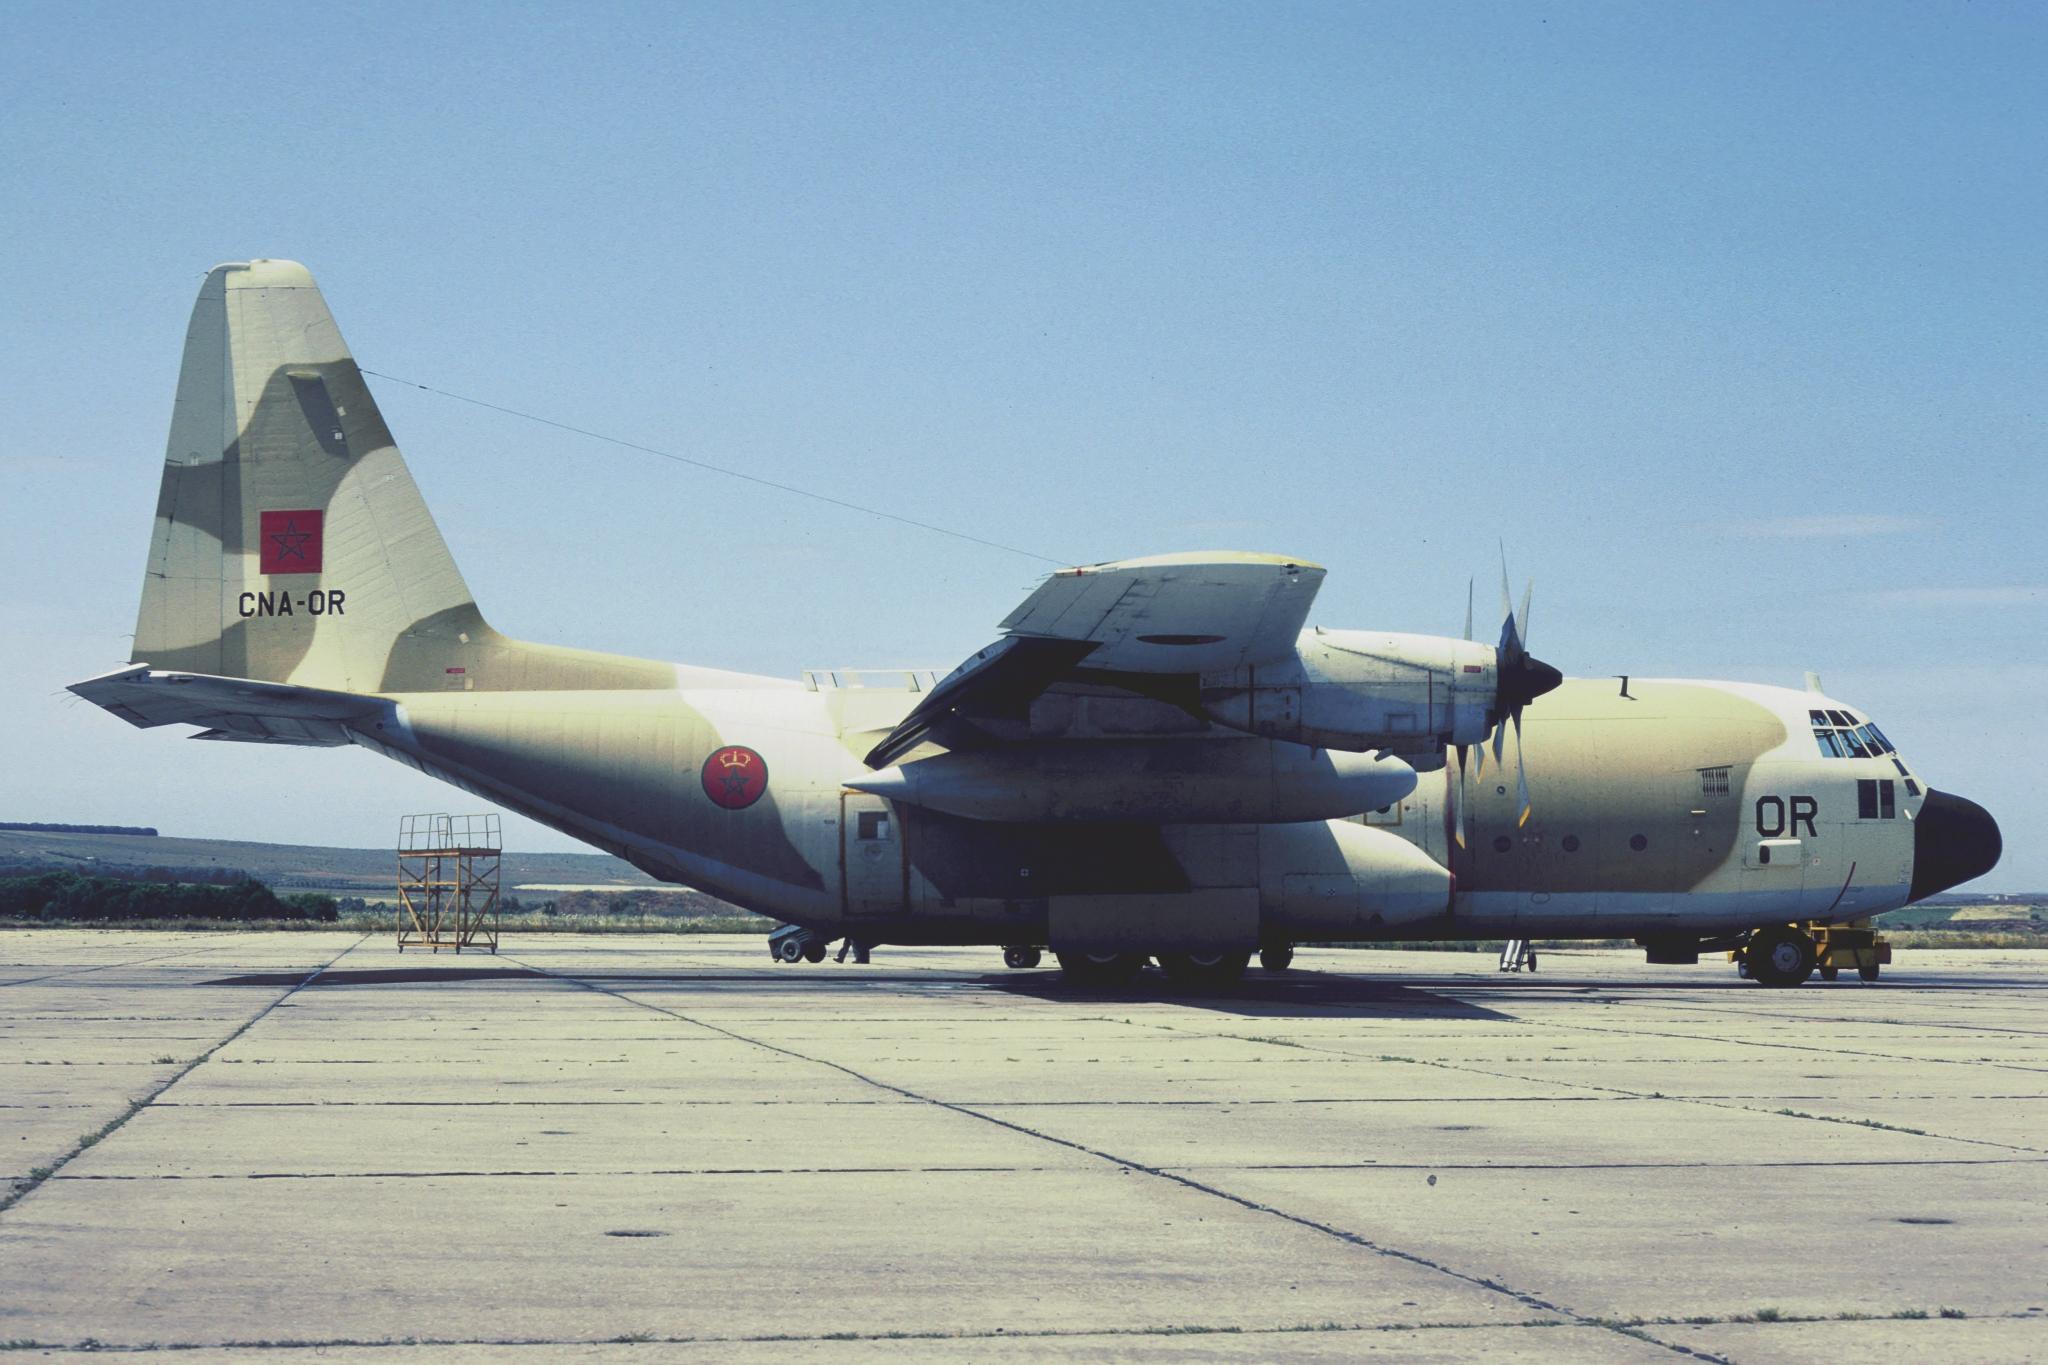 FRA: Photos d'avions de transport - Page 38 48870541886_53ceb9318e_o